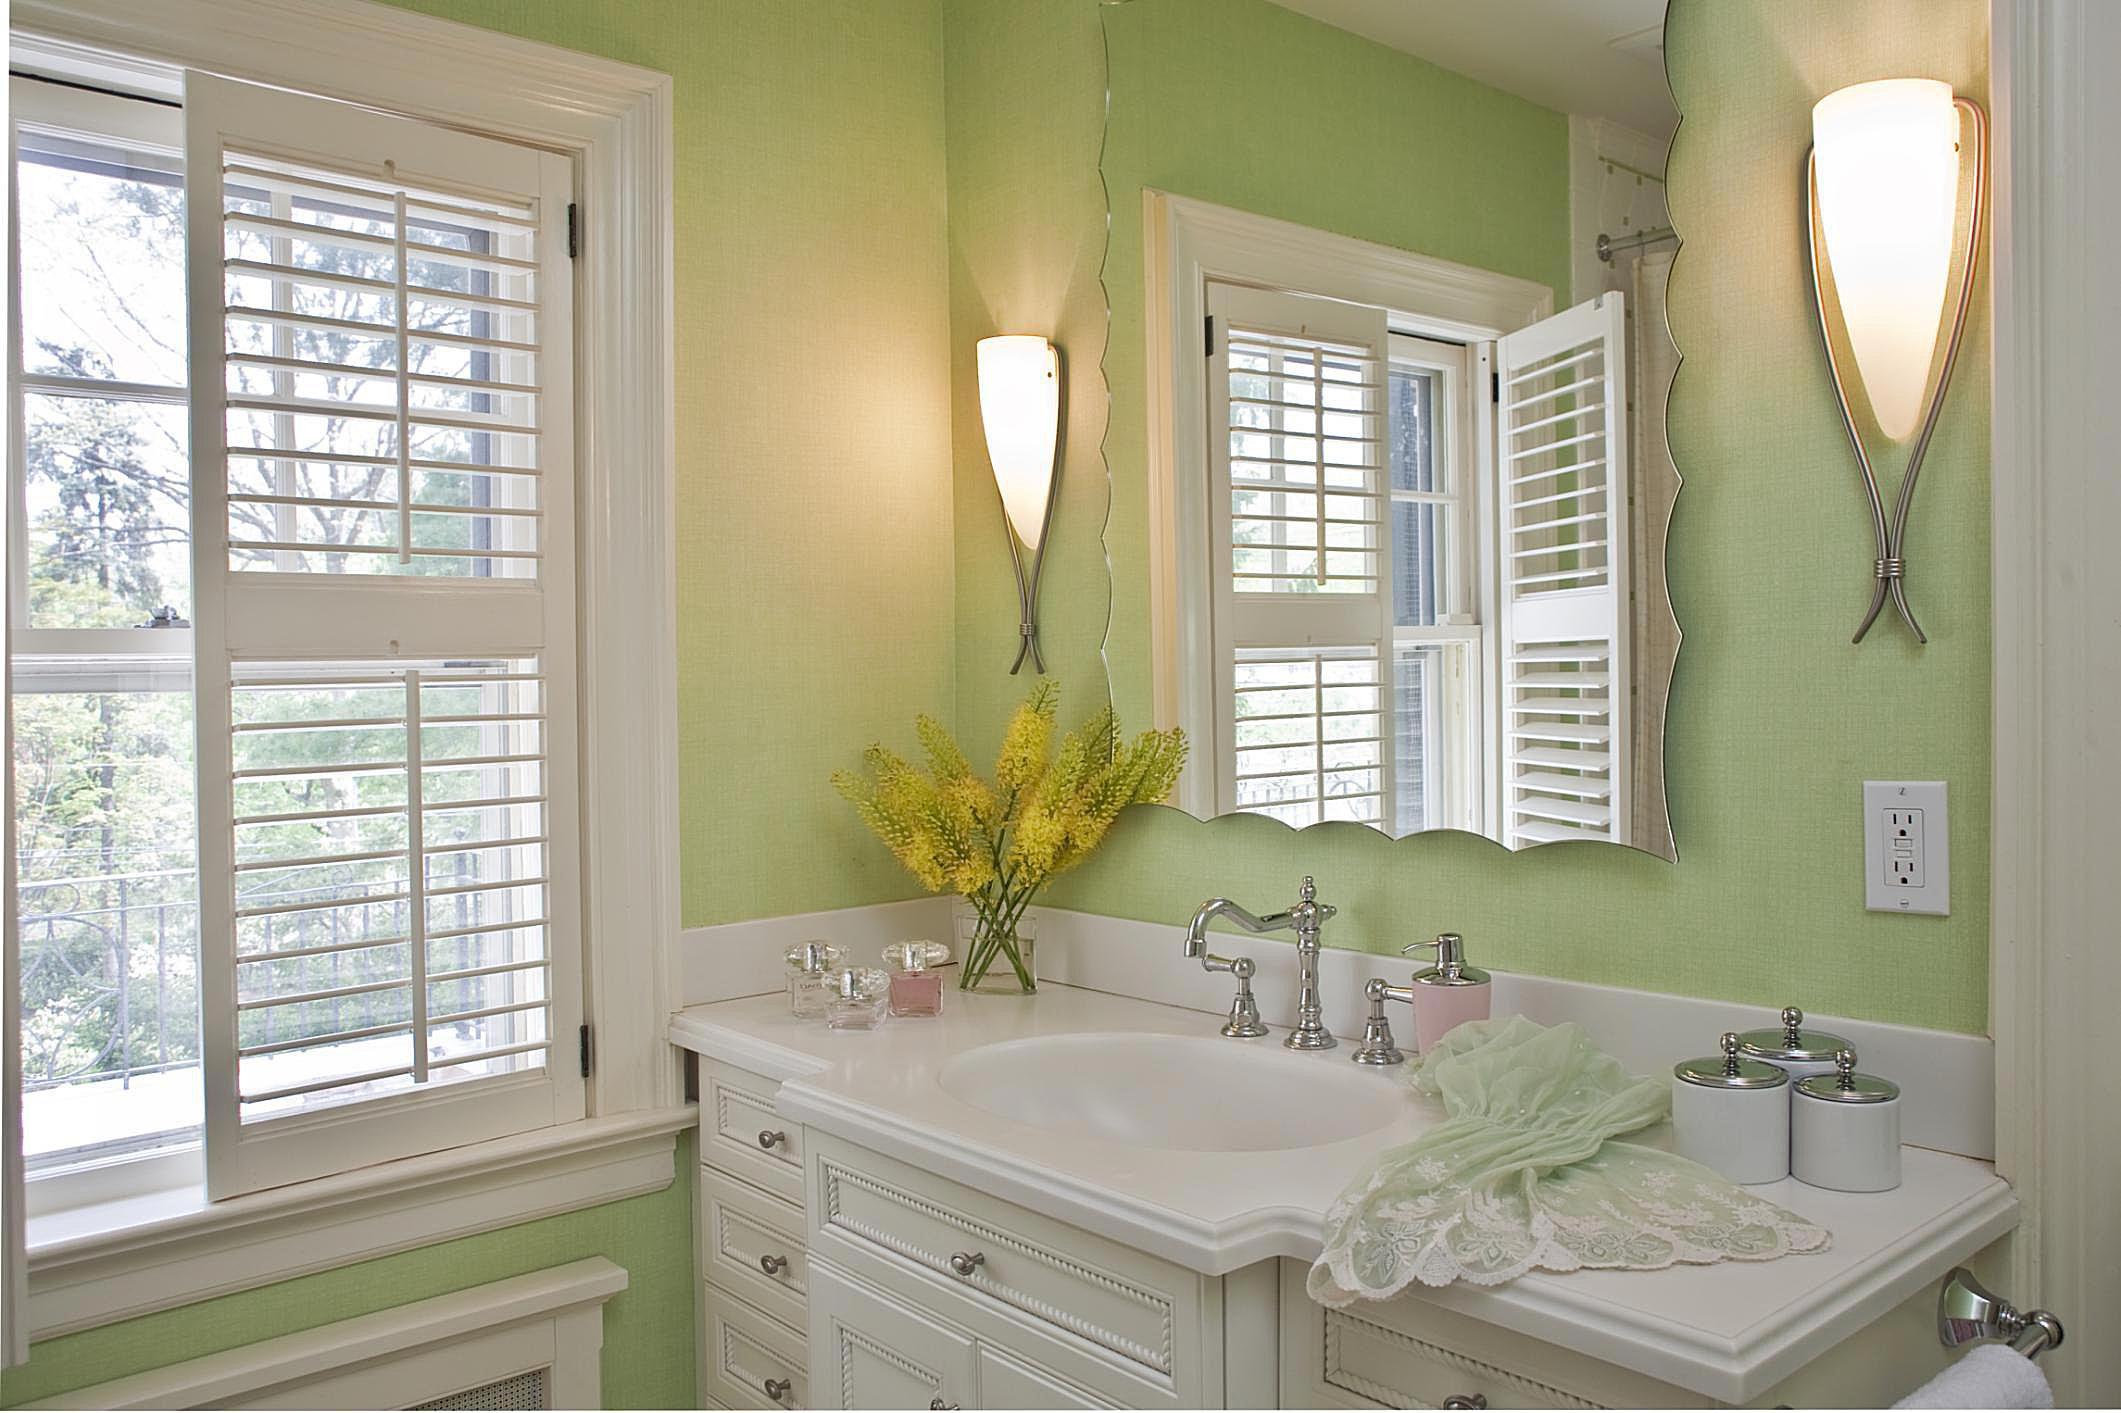 Small bathroom photos ideas for Windowless bathroom design ideas